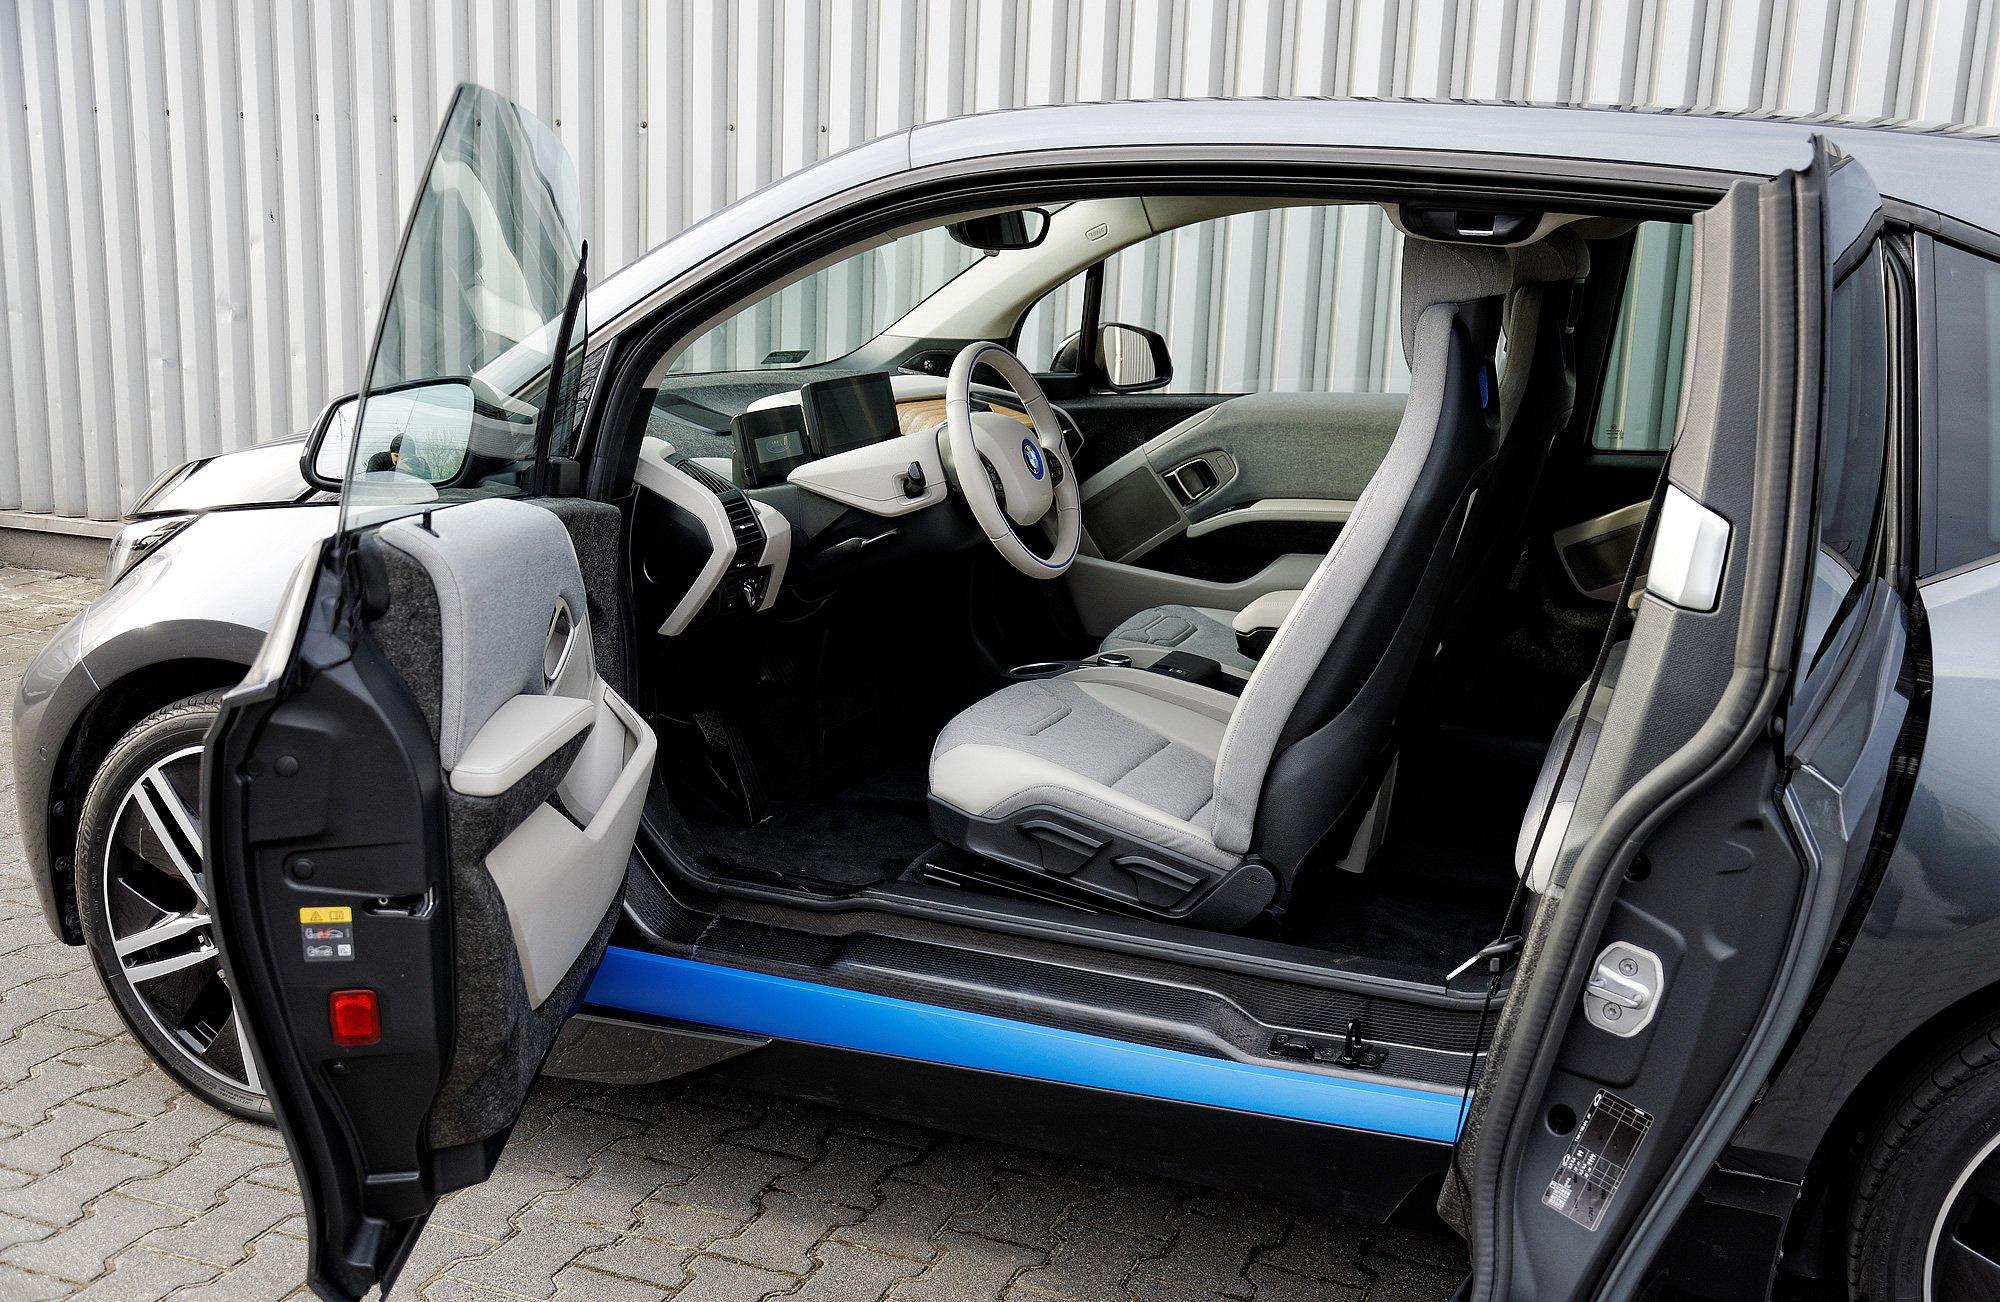 BMW i3 94 Ah - monokok